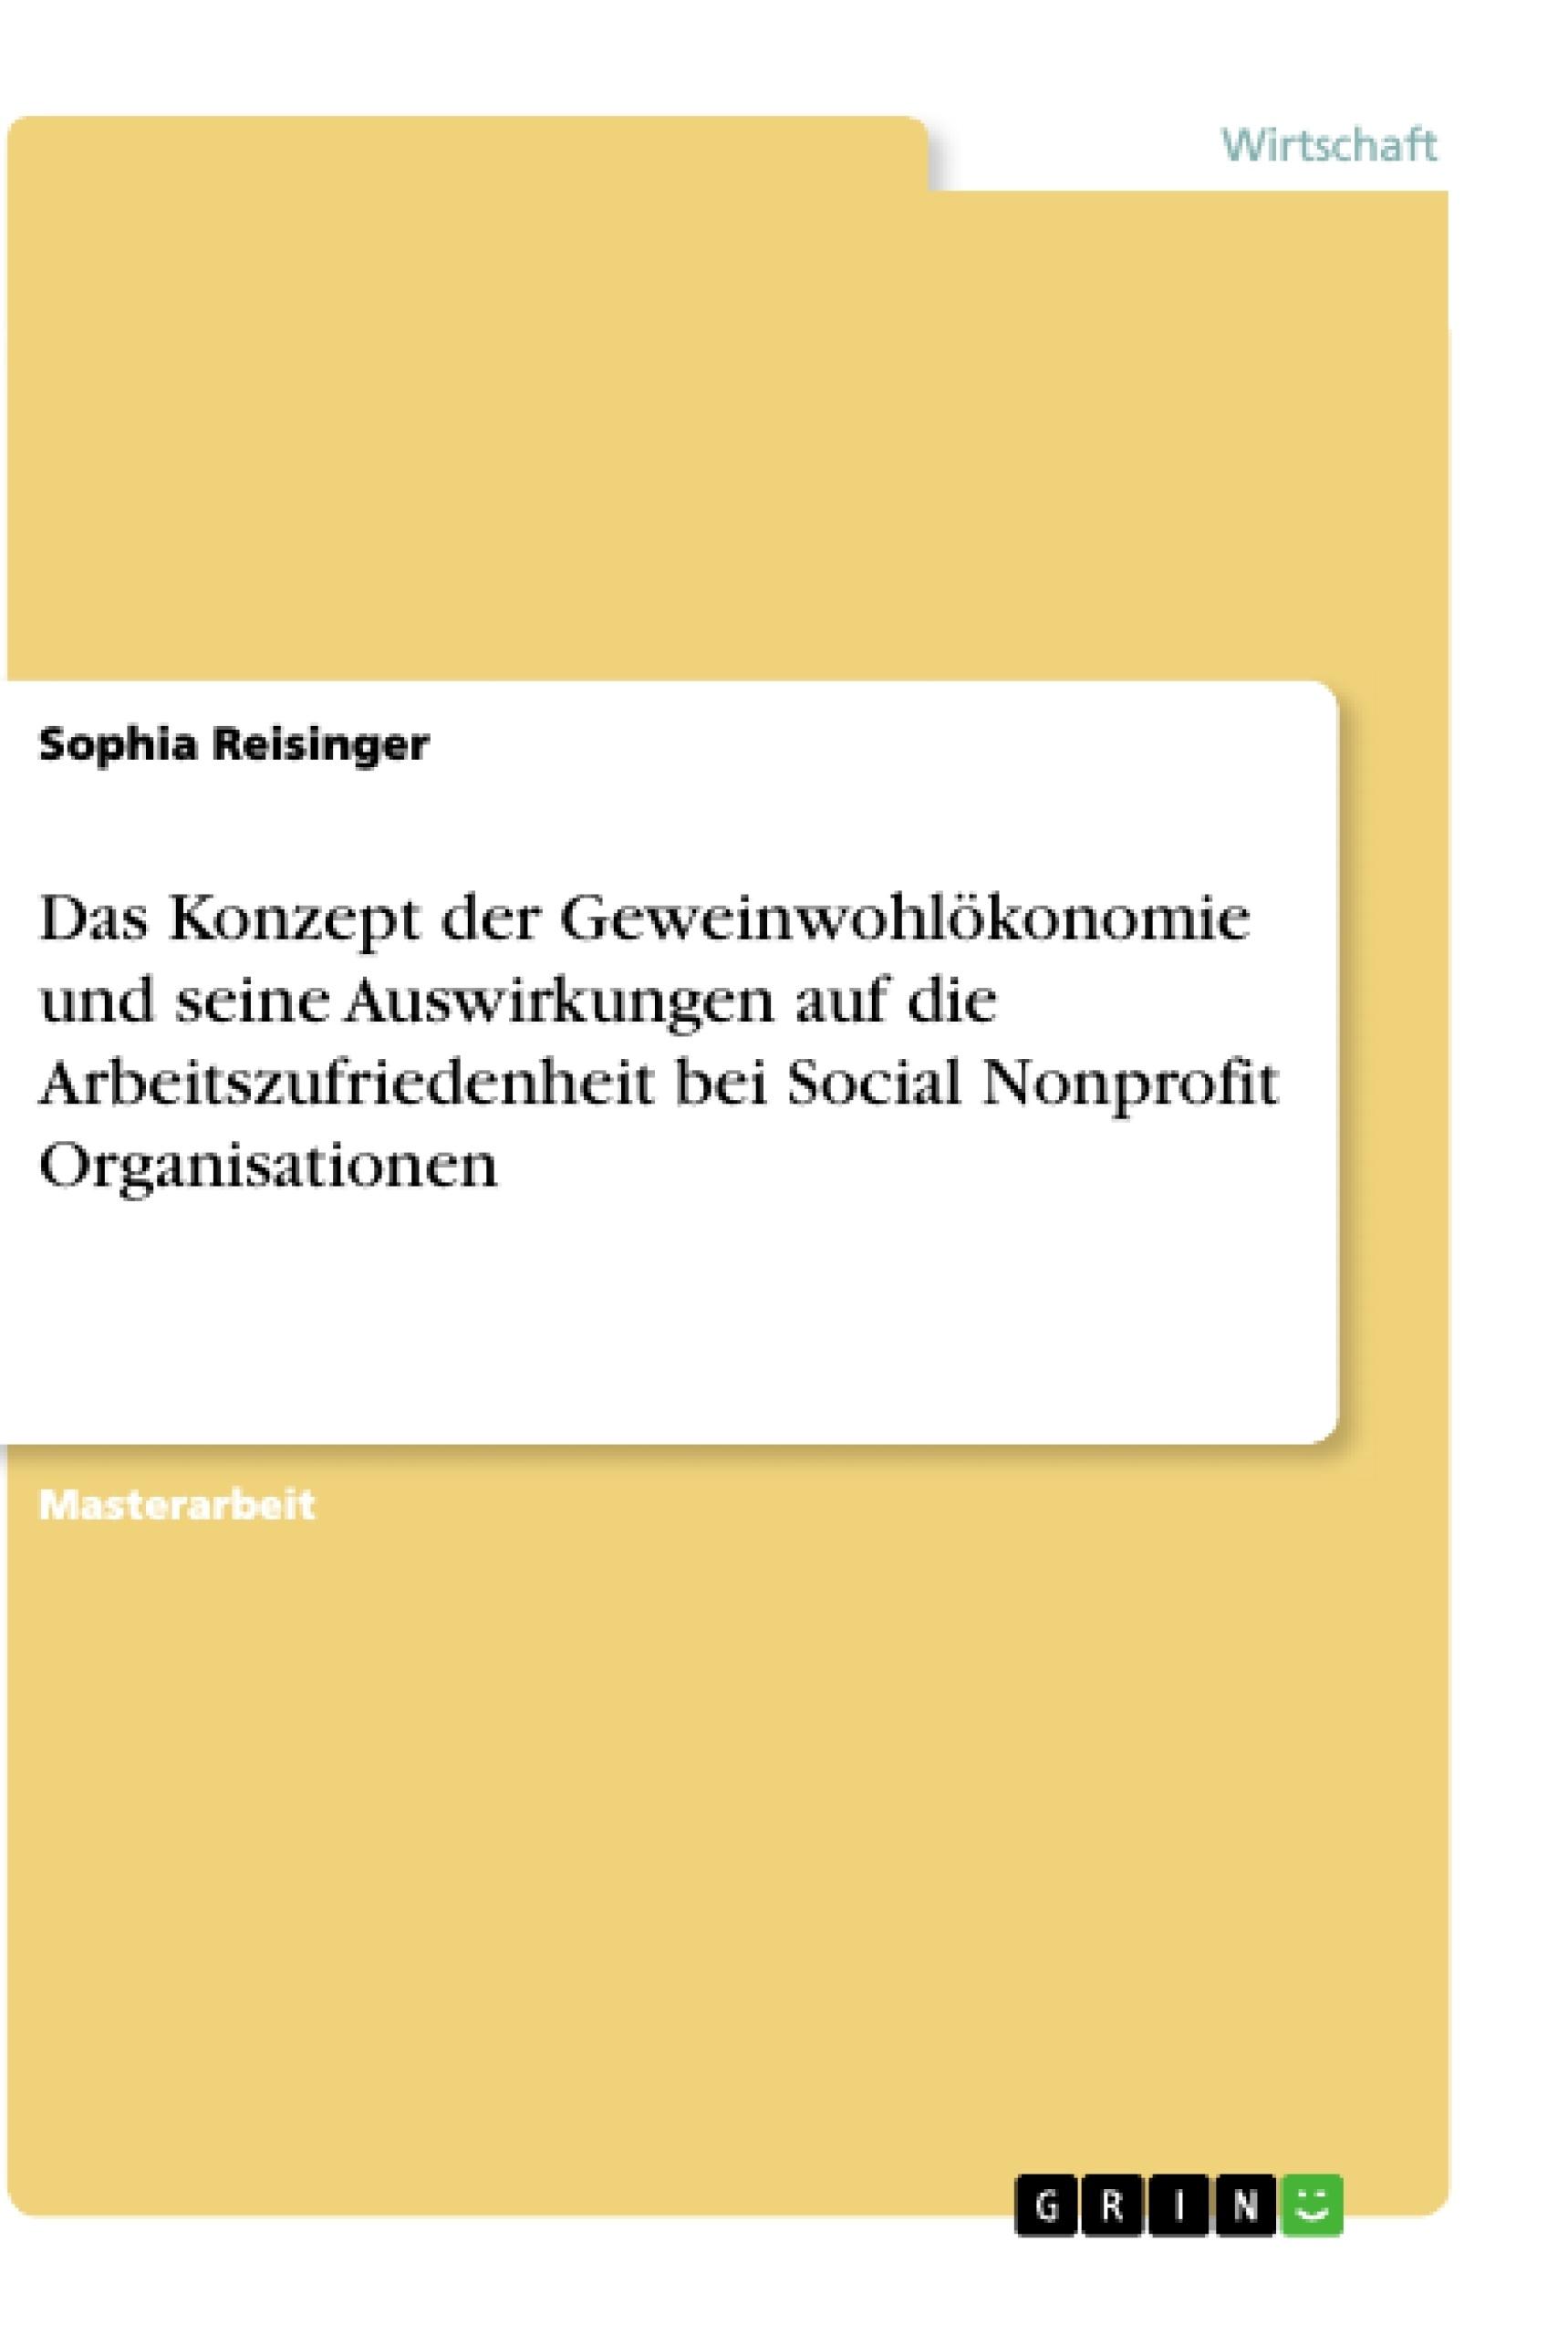 Titel: Das Konzept der Geweinwohlökonomie und seine Auswirkungen auf die Arbeitszufriedenheit bei Social Nonprofit Organisationen